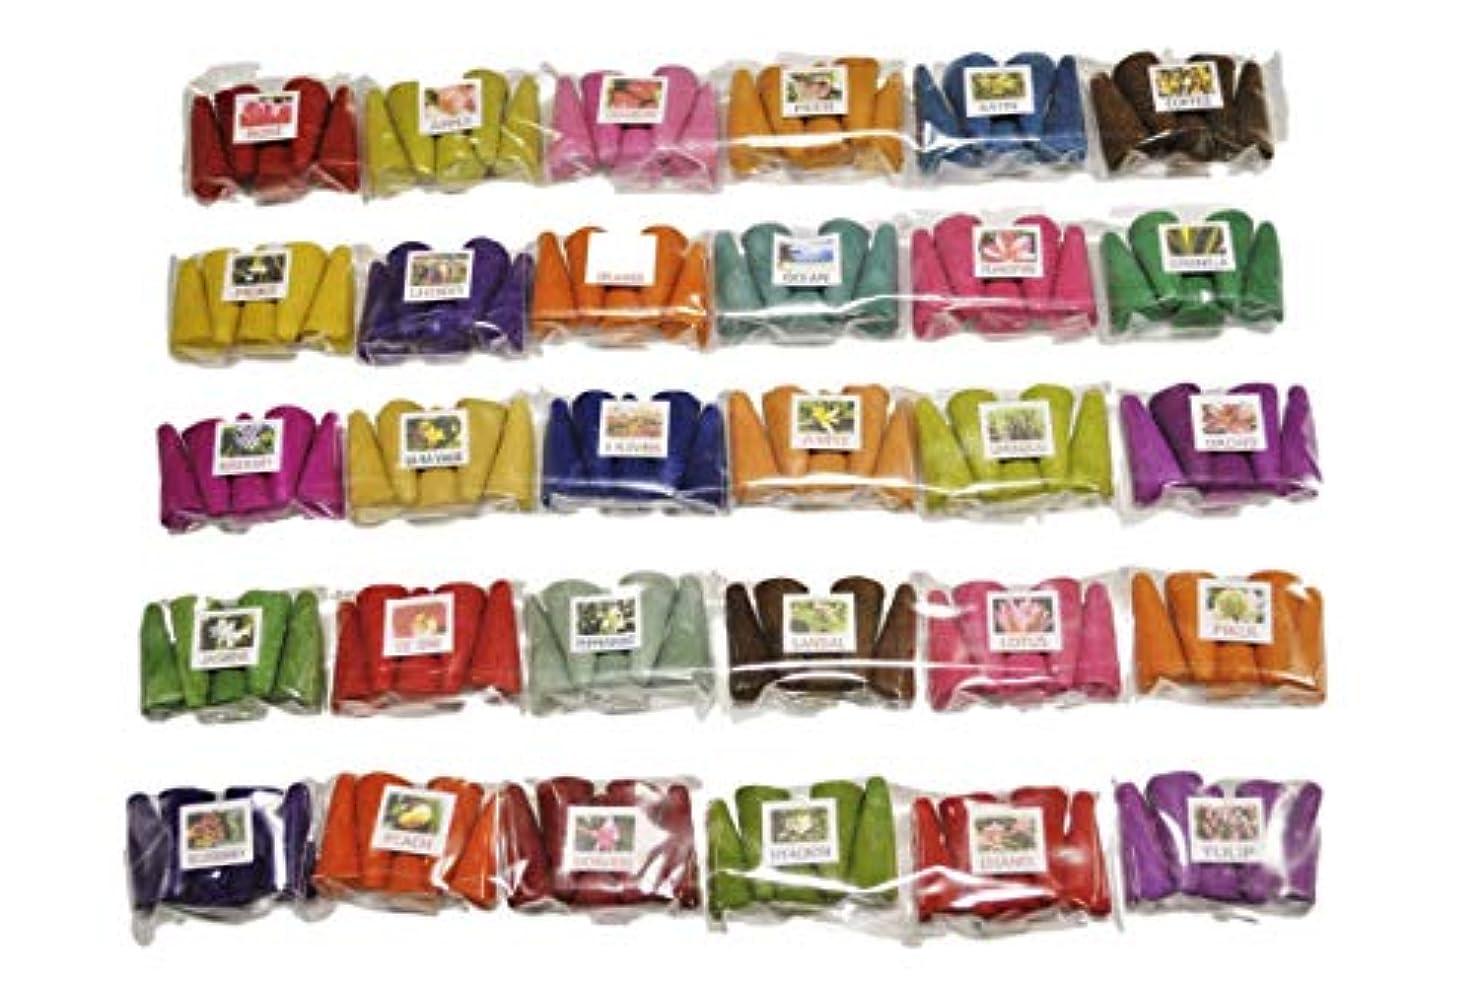 ガロンひもダーリンタイのお香セット お香 30種 各5個入 150個 コーン香 三角香 コーン インセンス ミニパック タイのお香 THAI INCENSE (2)